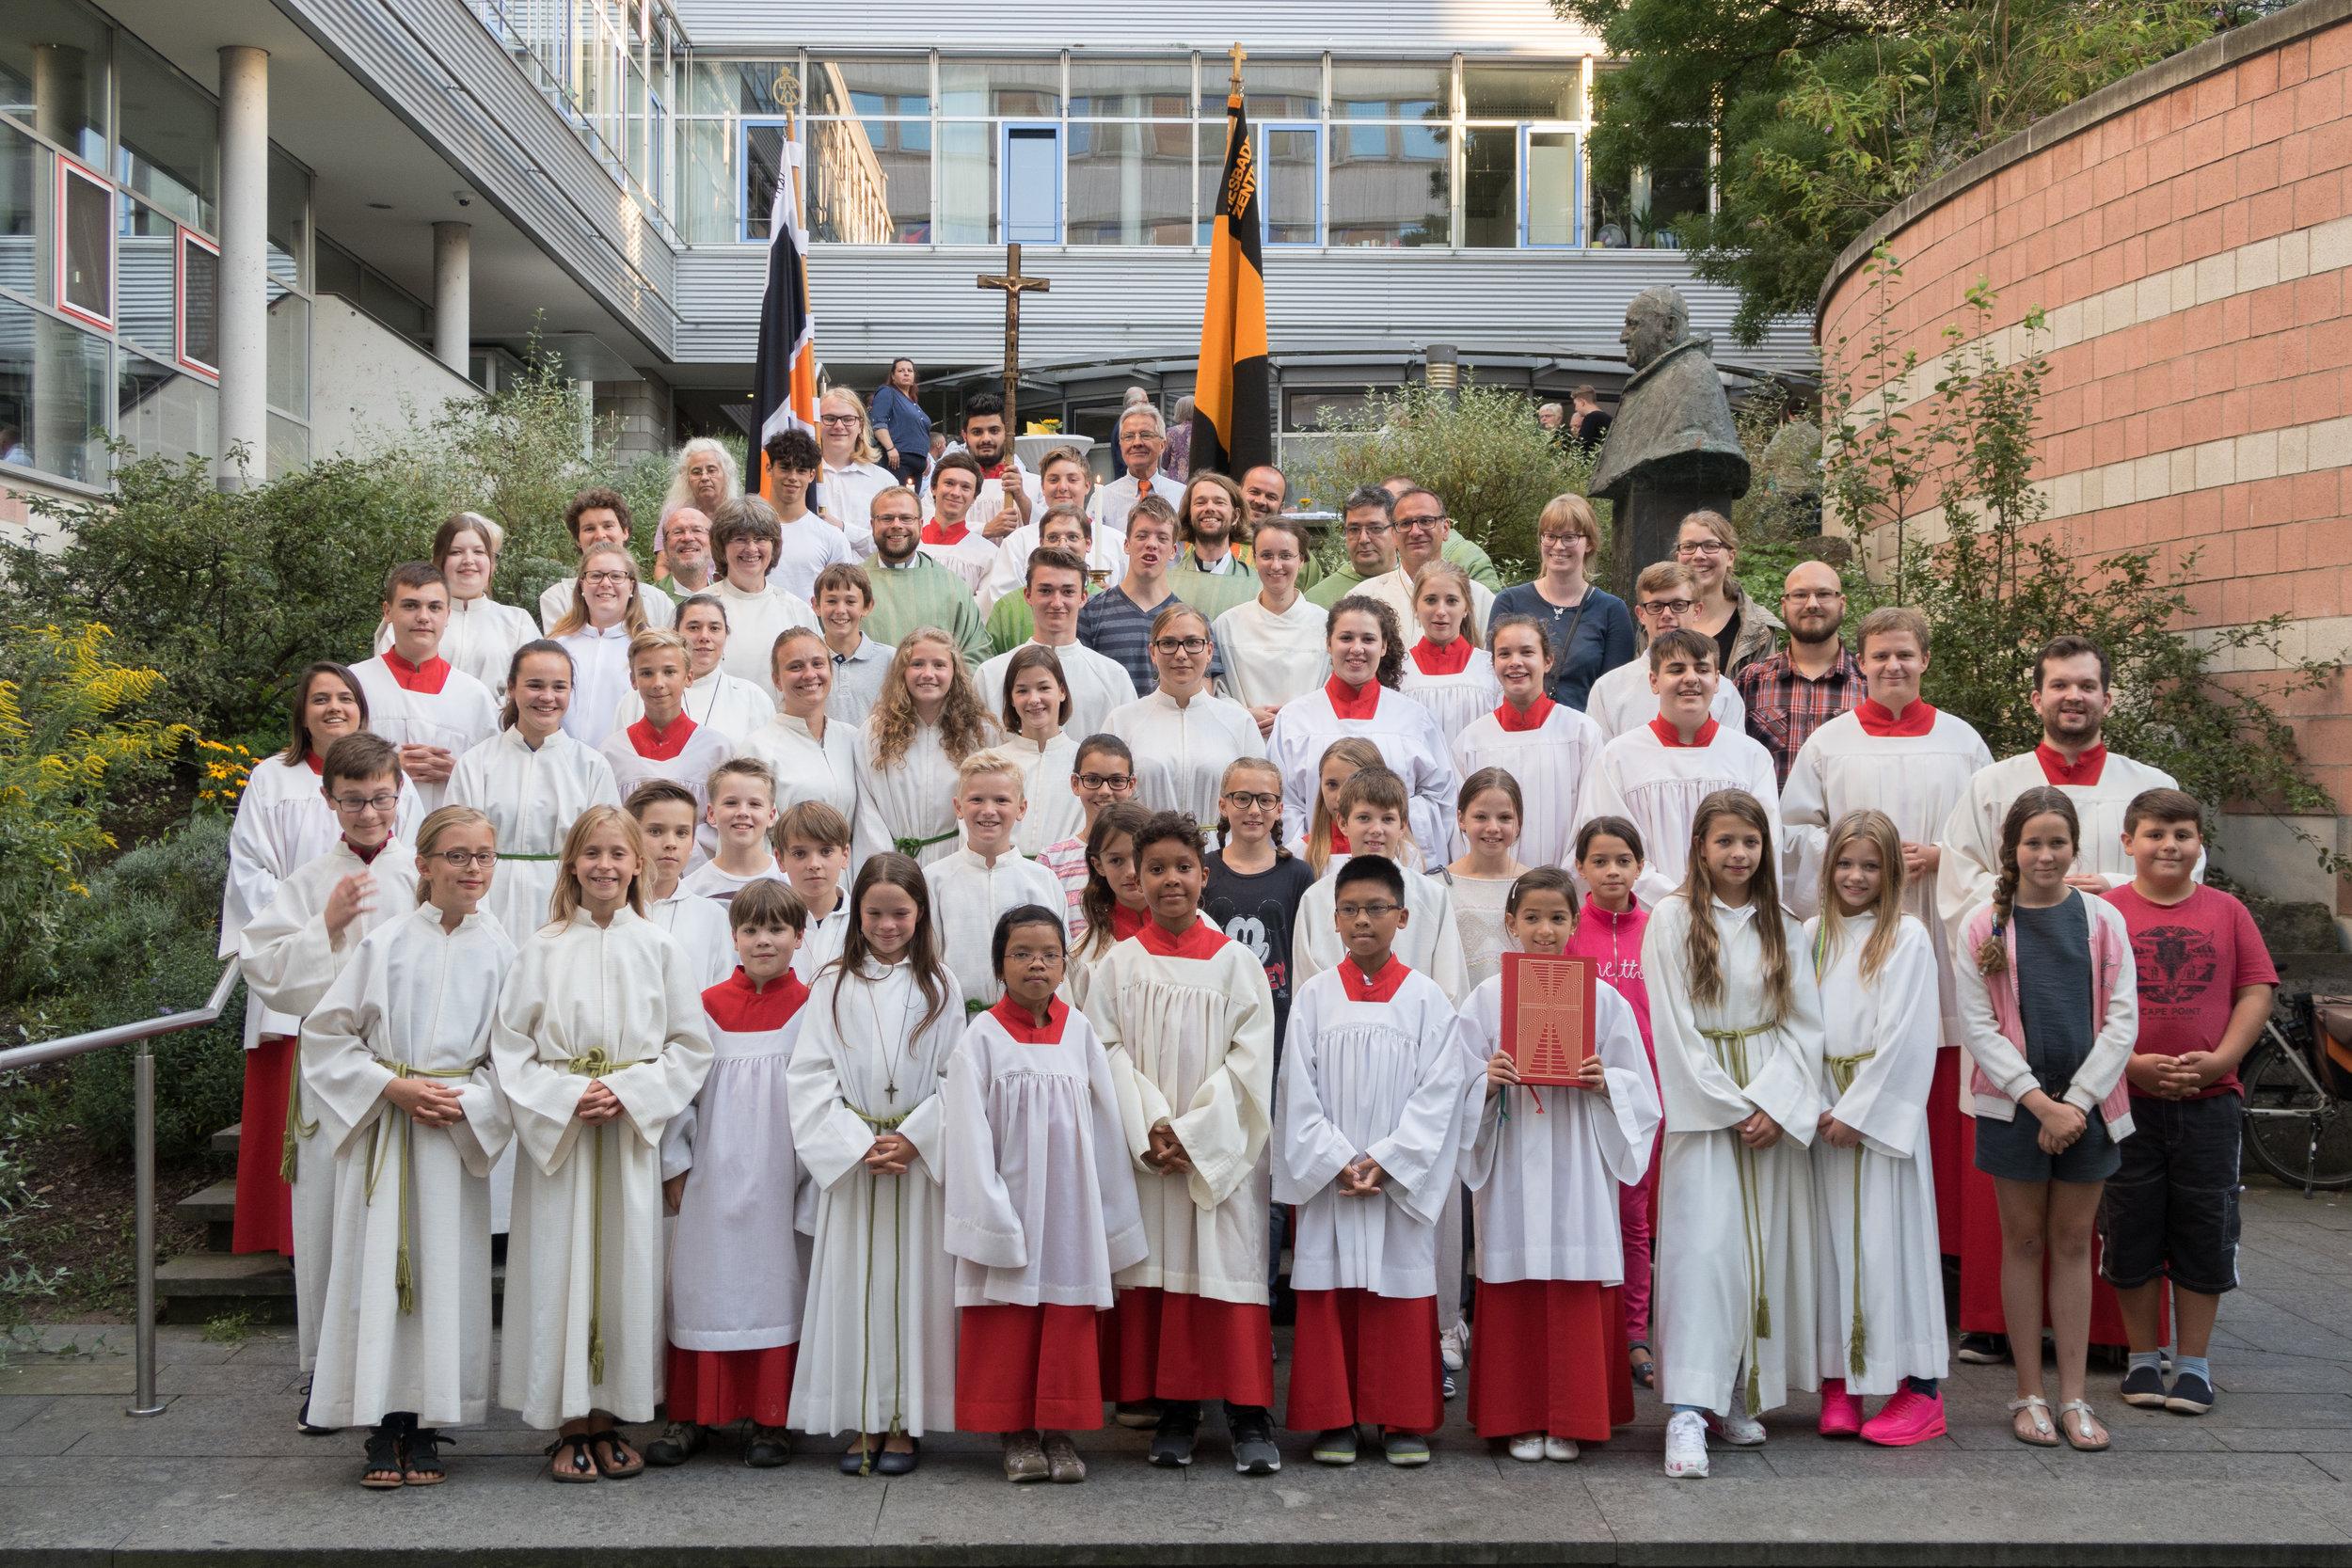 Abschiedsfoto mit Messdienern und pastoralen Mitarbeitern. Foto: Benjamin Dahlhoff